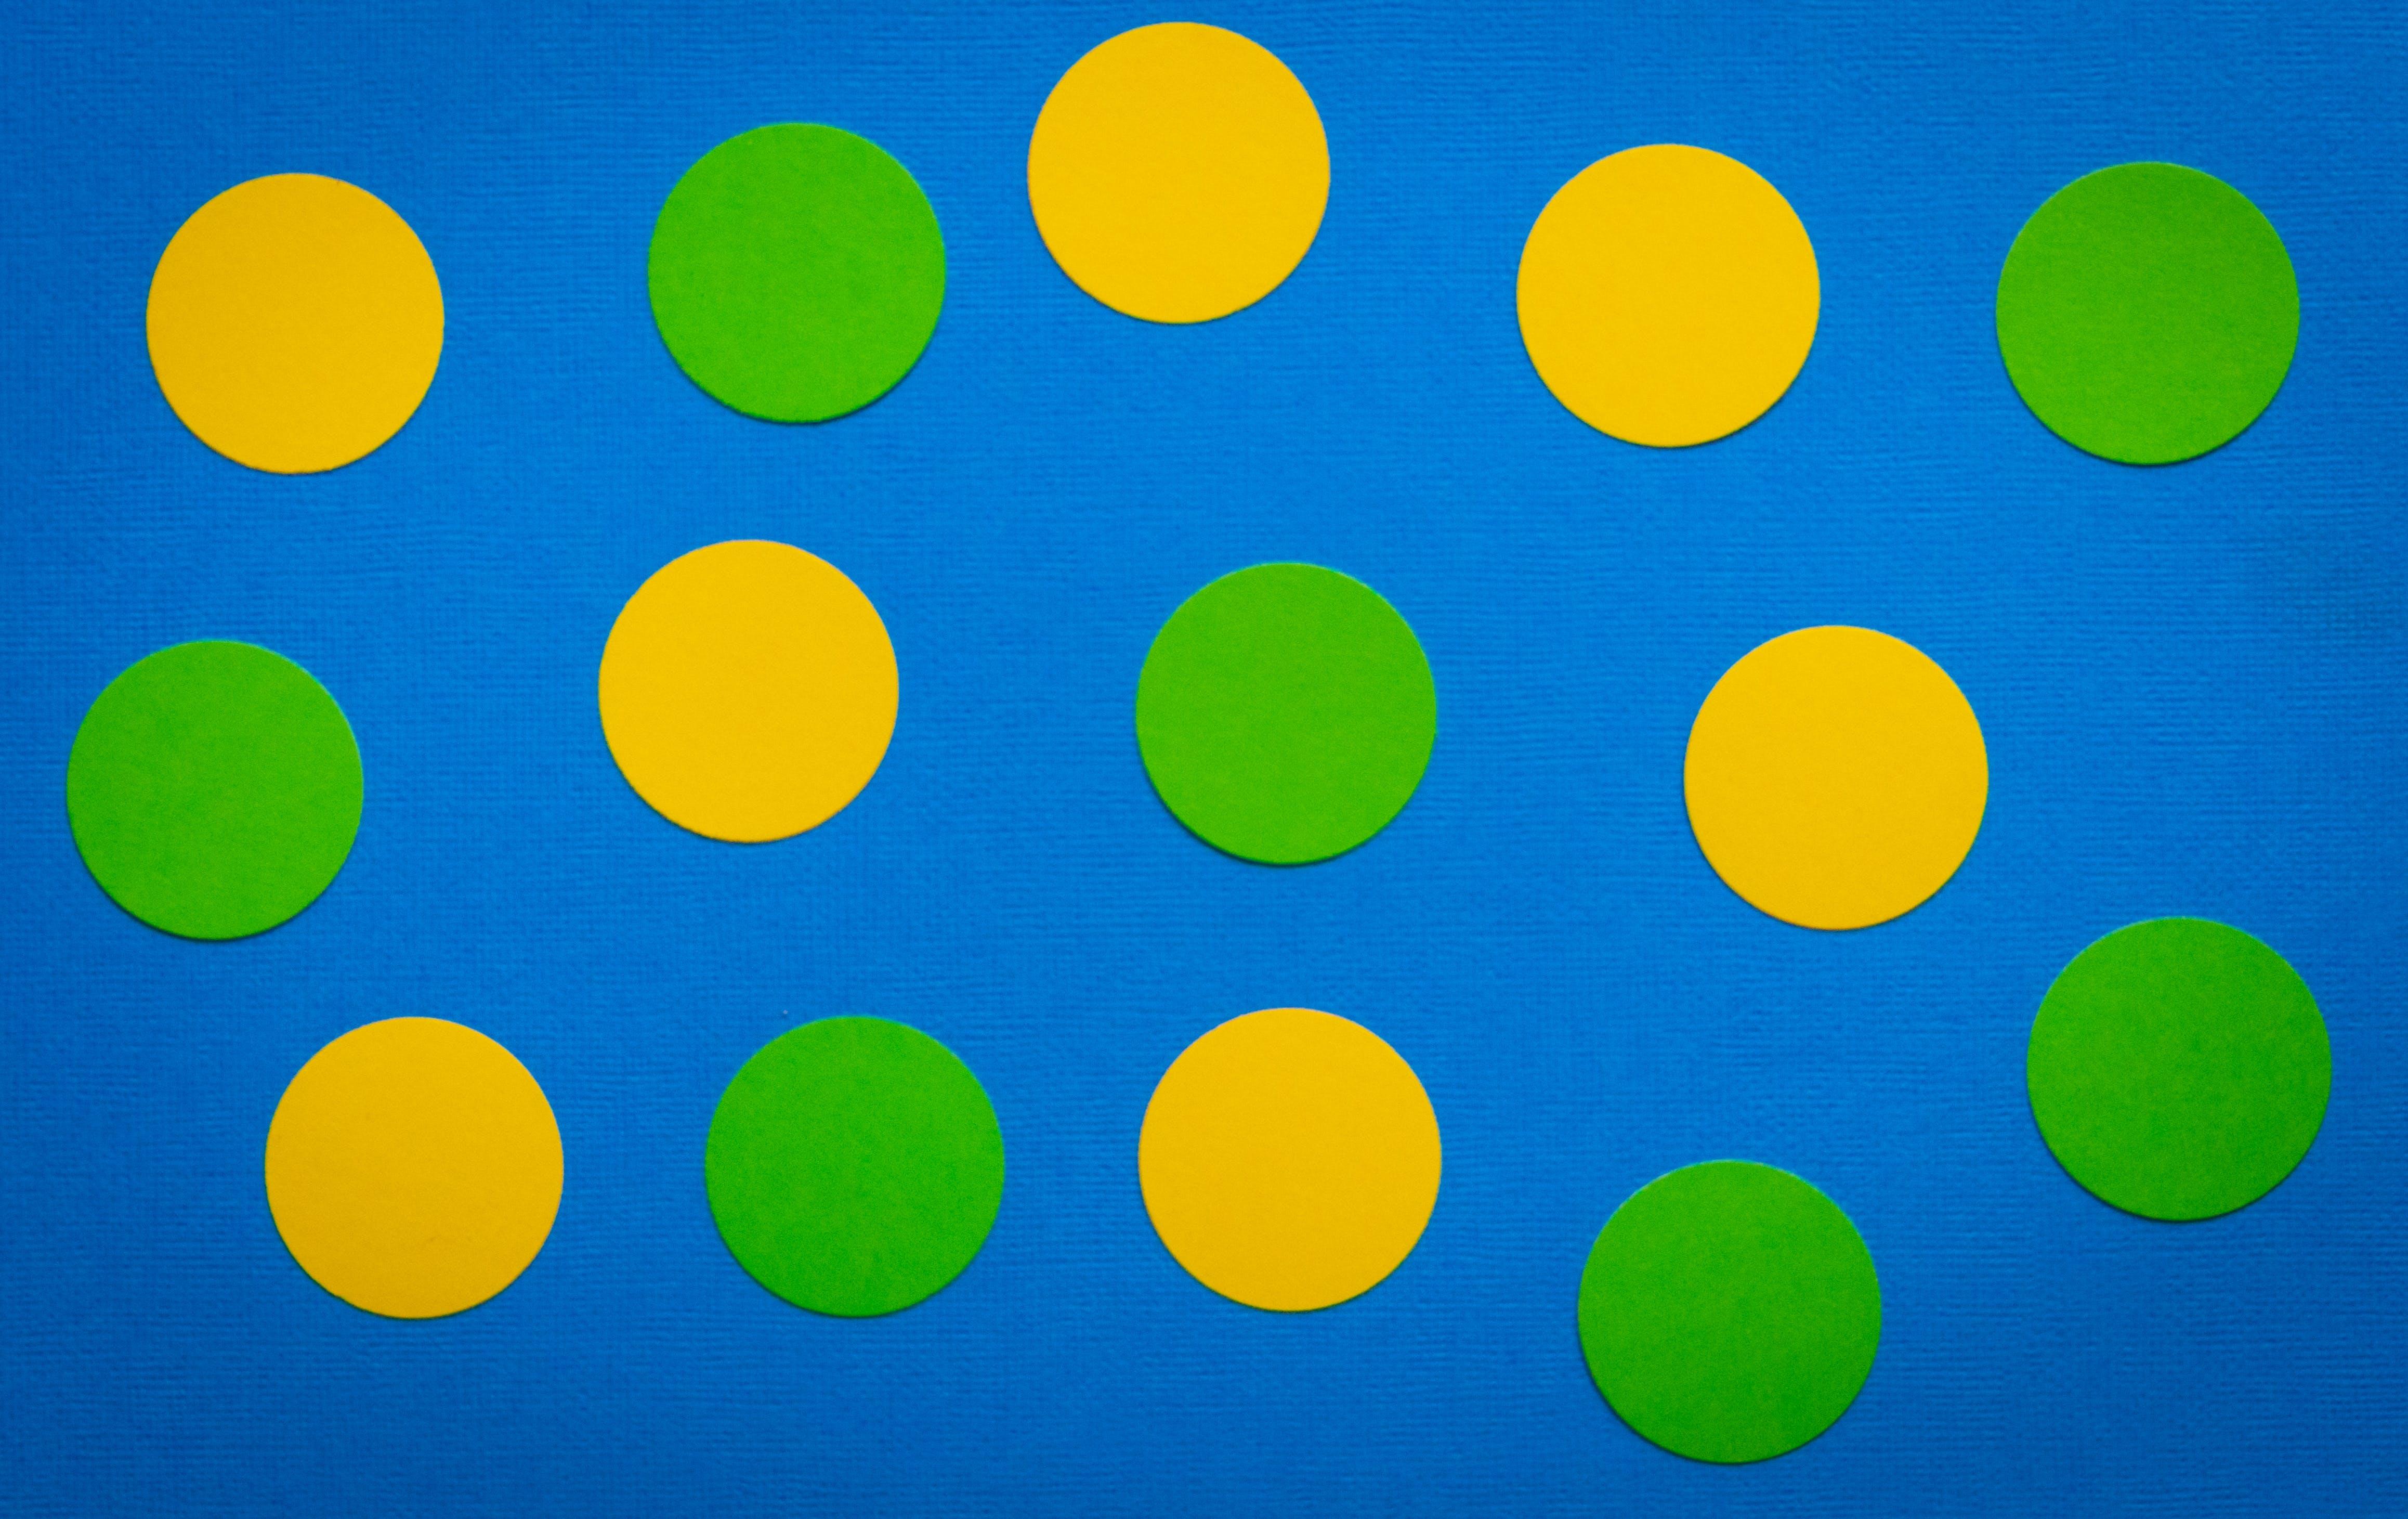 Kostenloses Stock Foto zu blau, bunt, gelb, grün